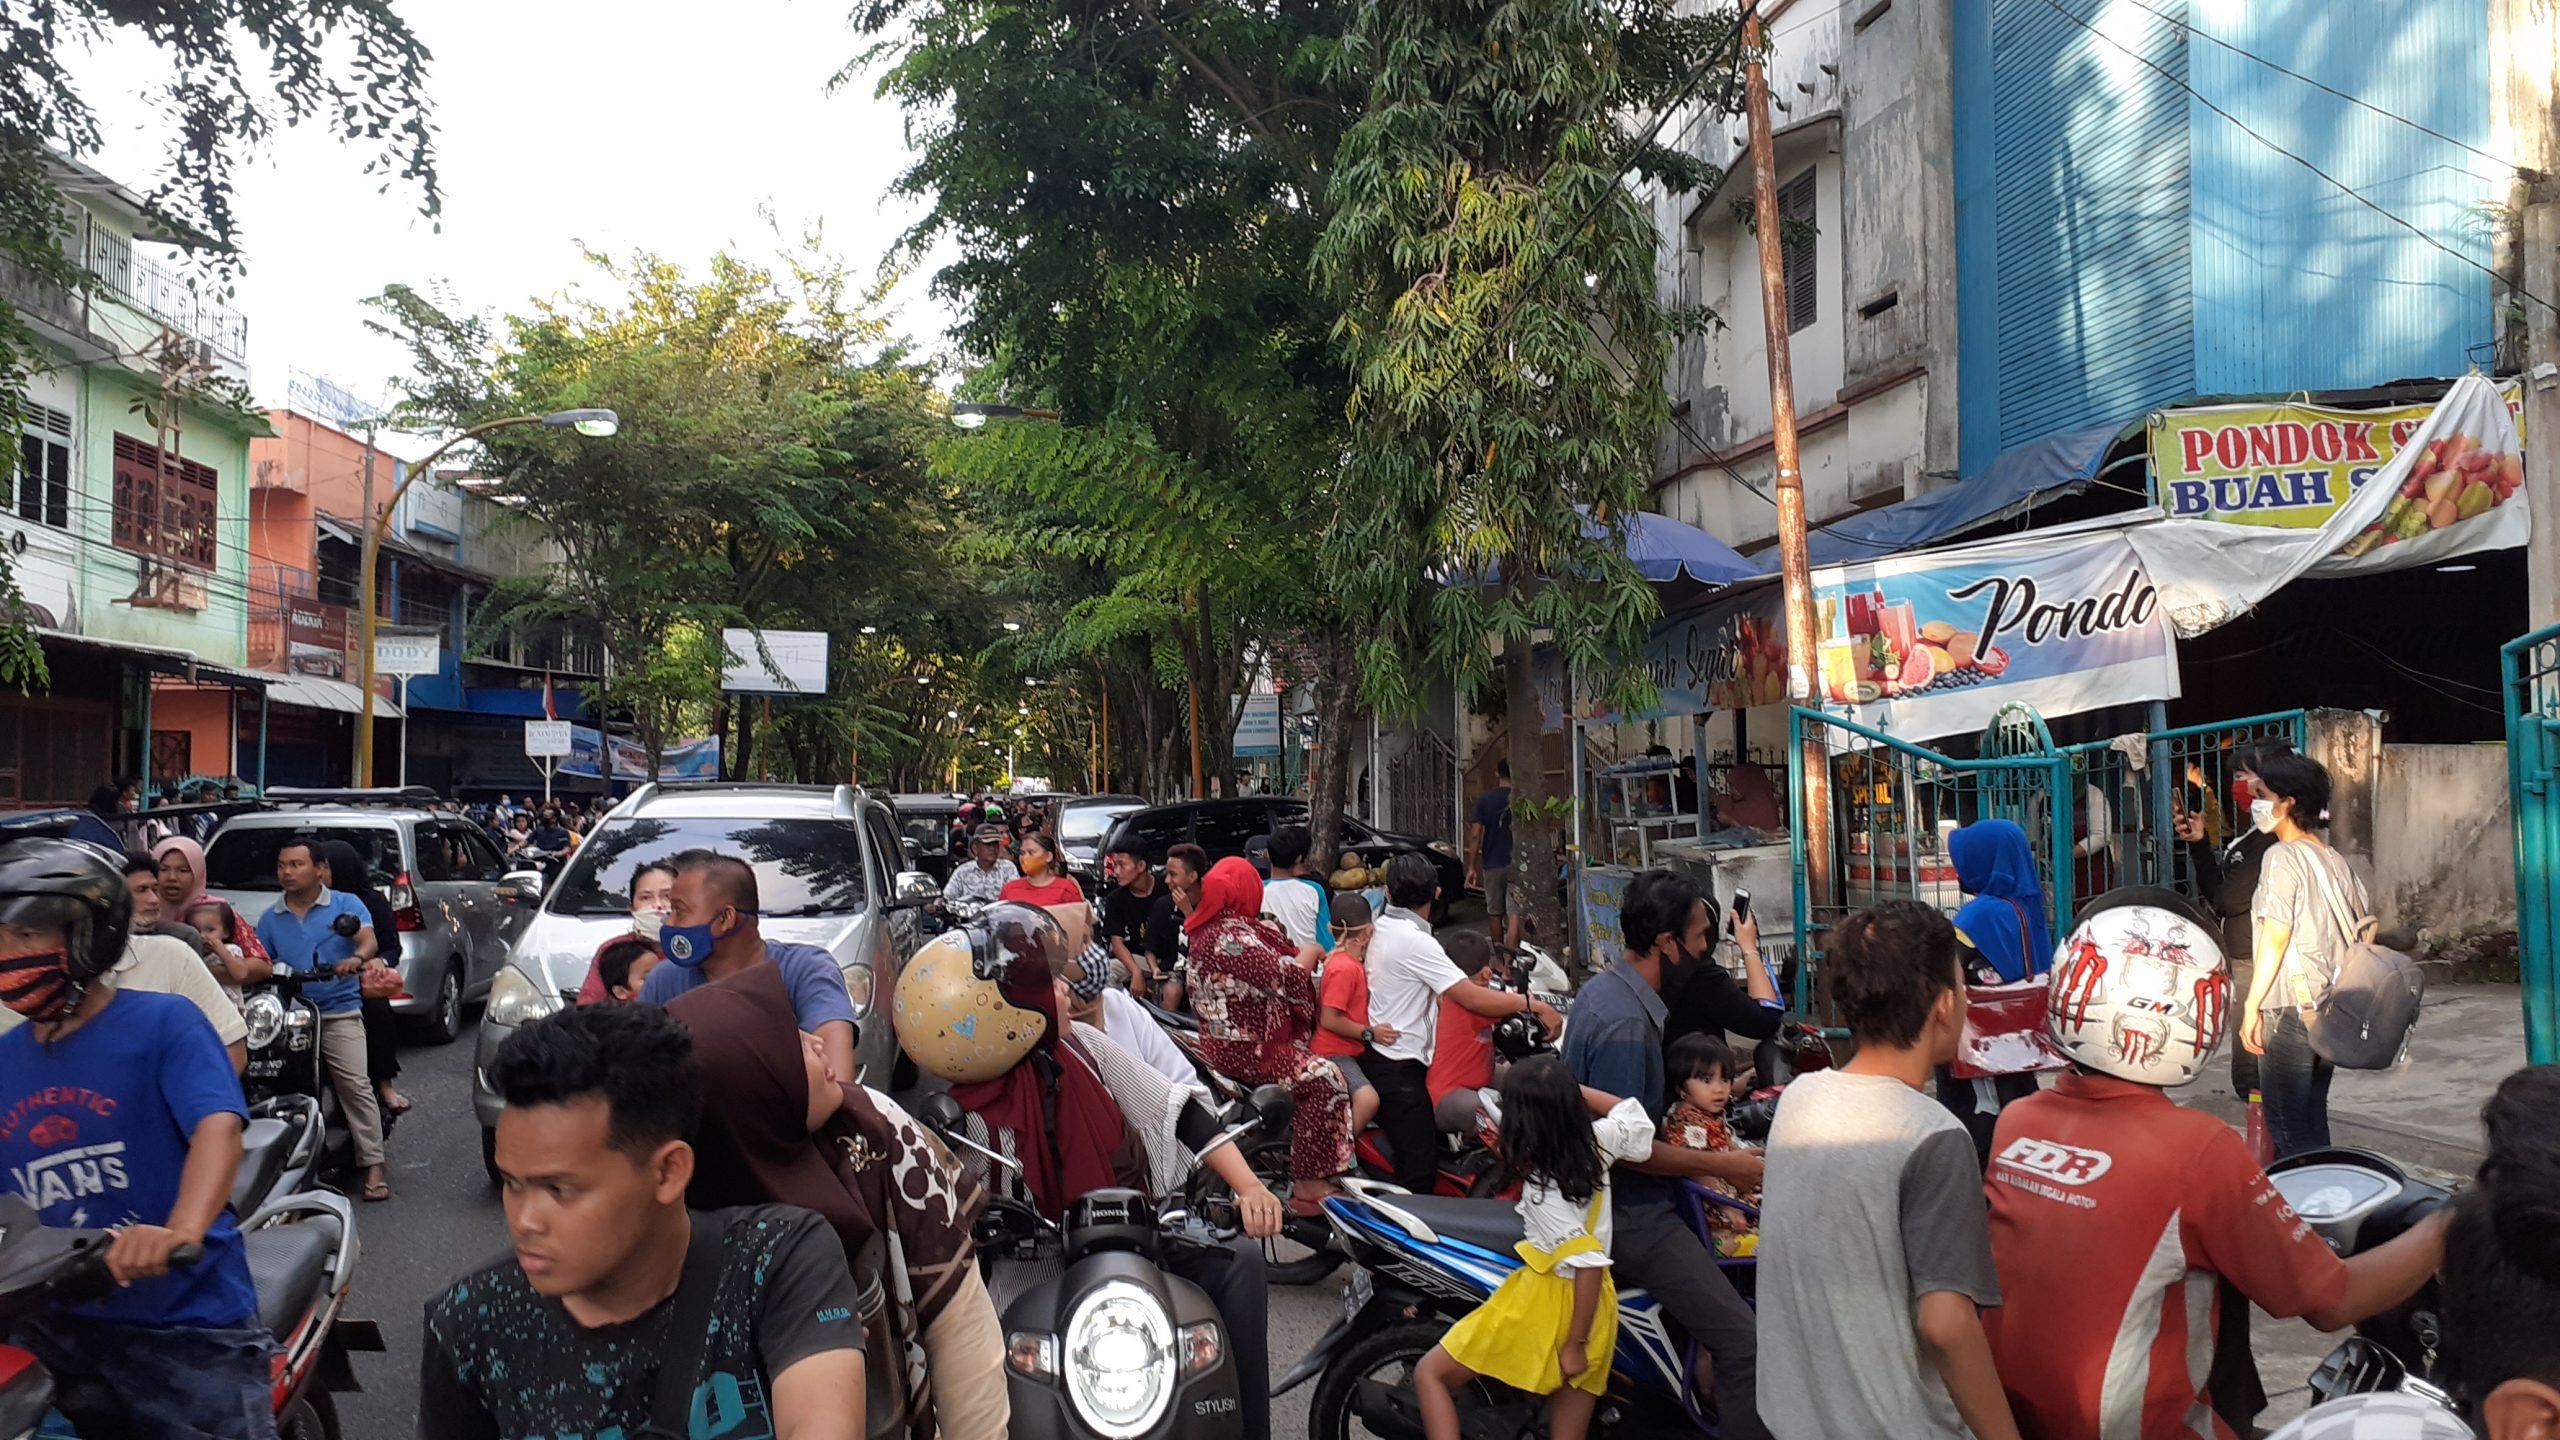 Kondisi Warga terkini saat mengetahui adanya pencurian sarang walet. Rakyatsumut.com/ Mirwan Tanjung